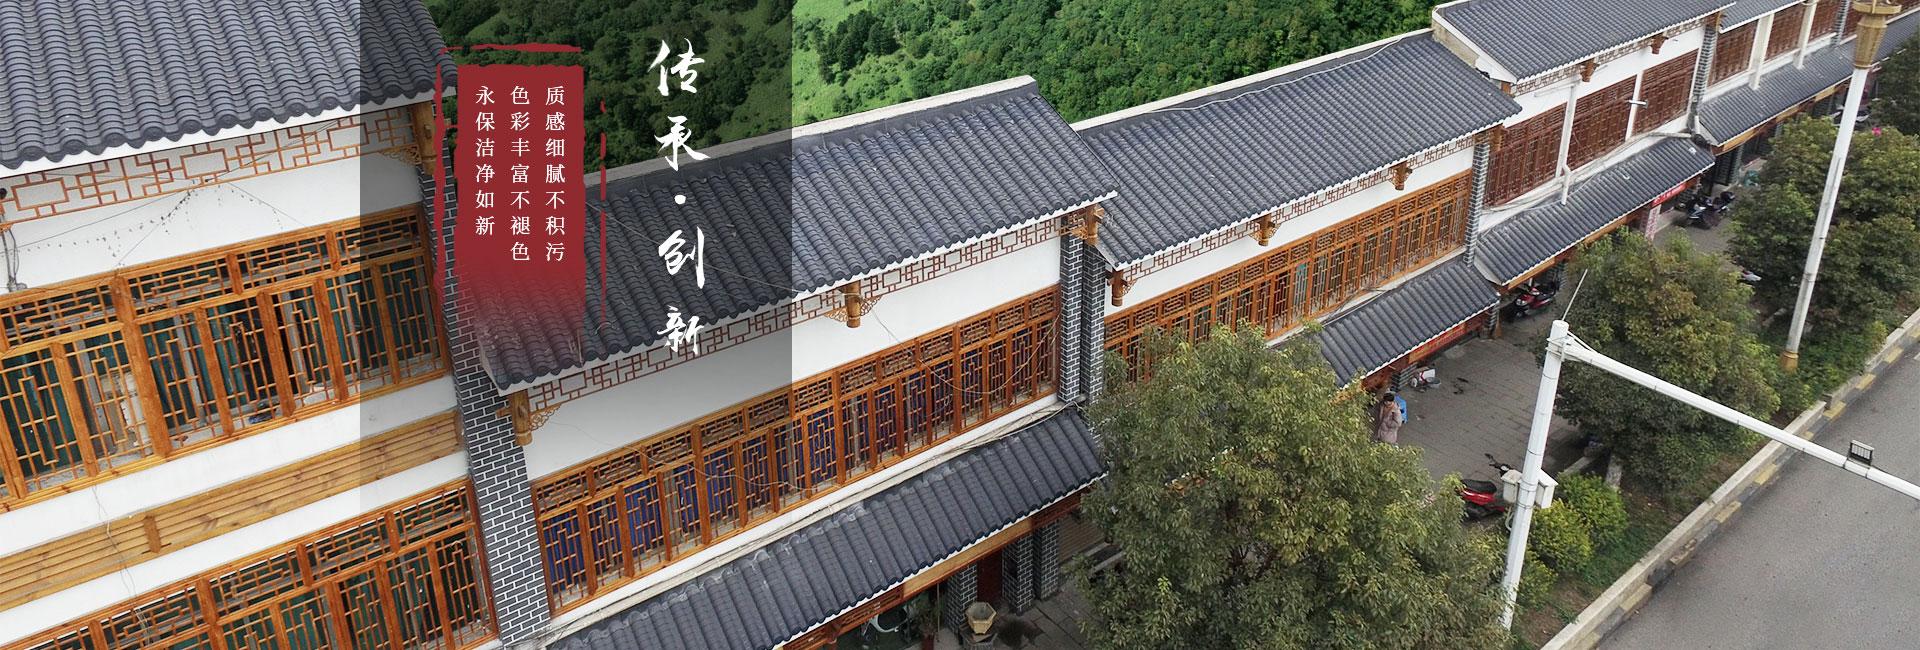 北京小青瓦